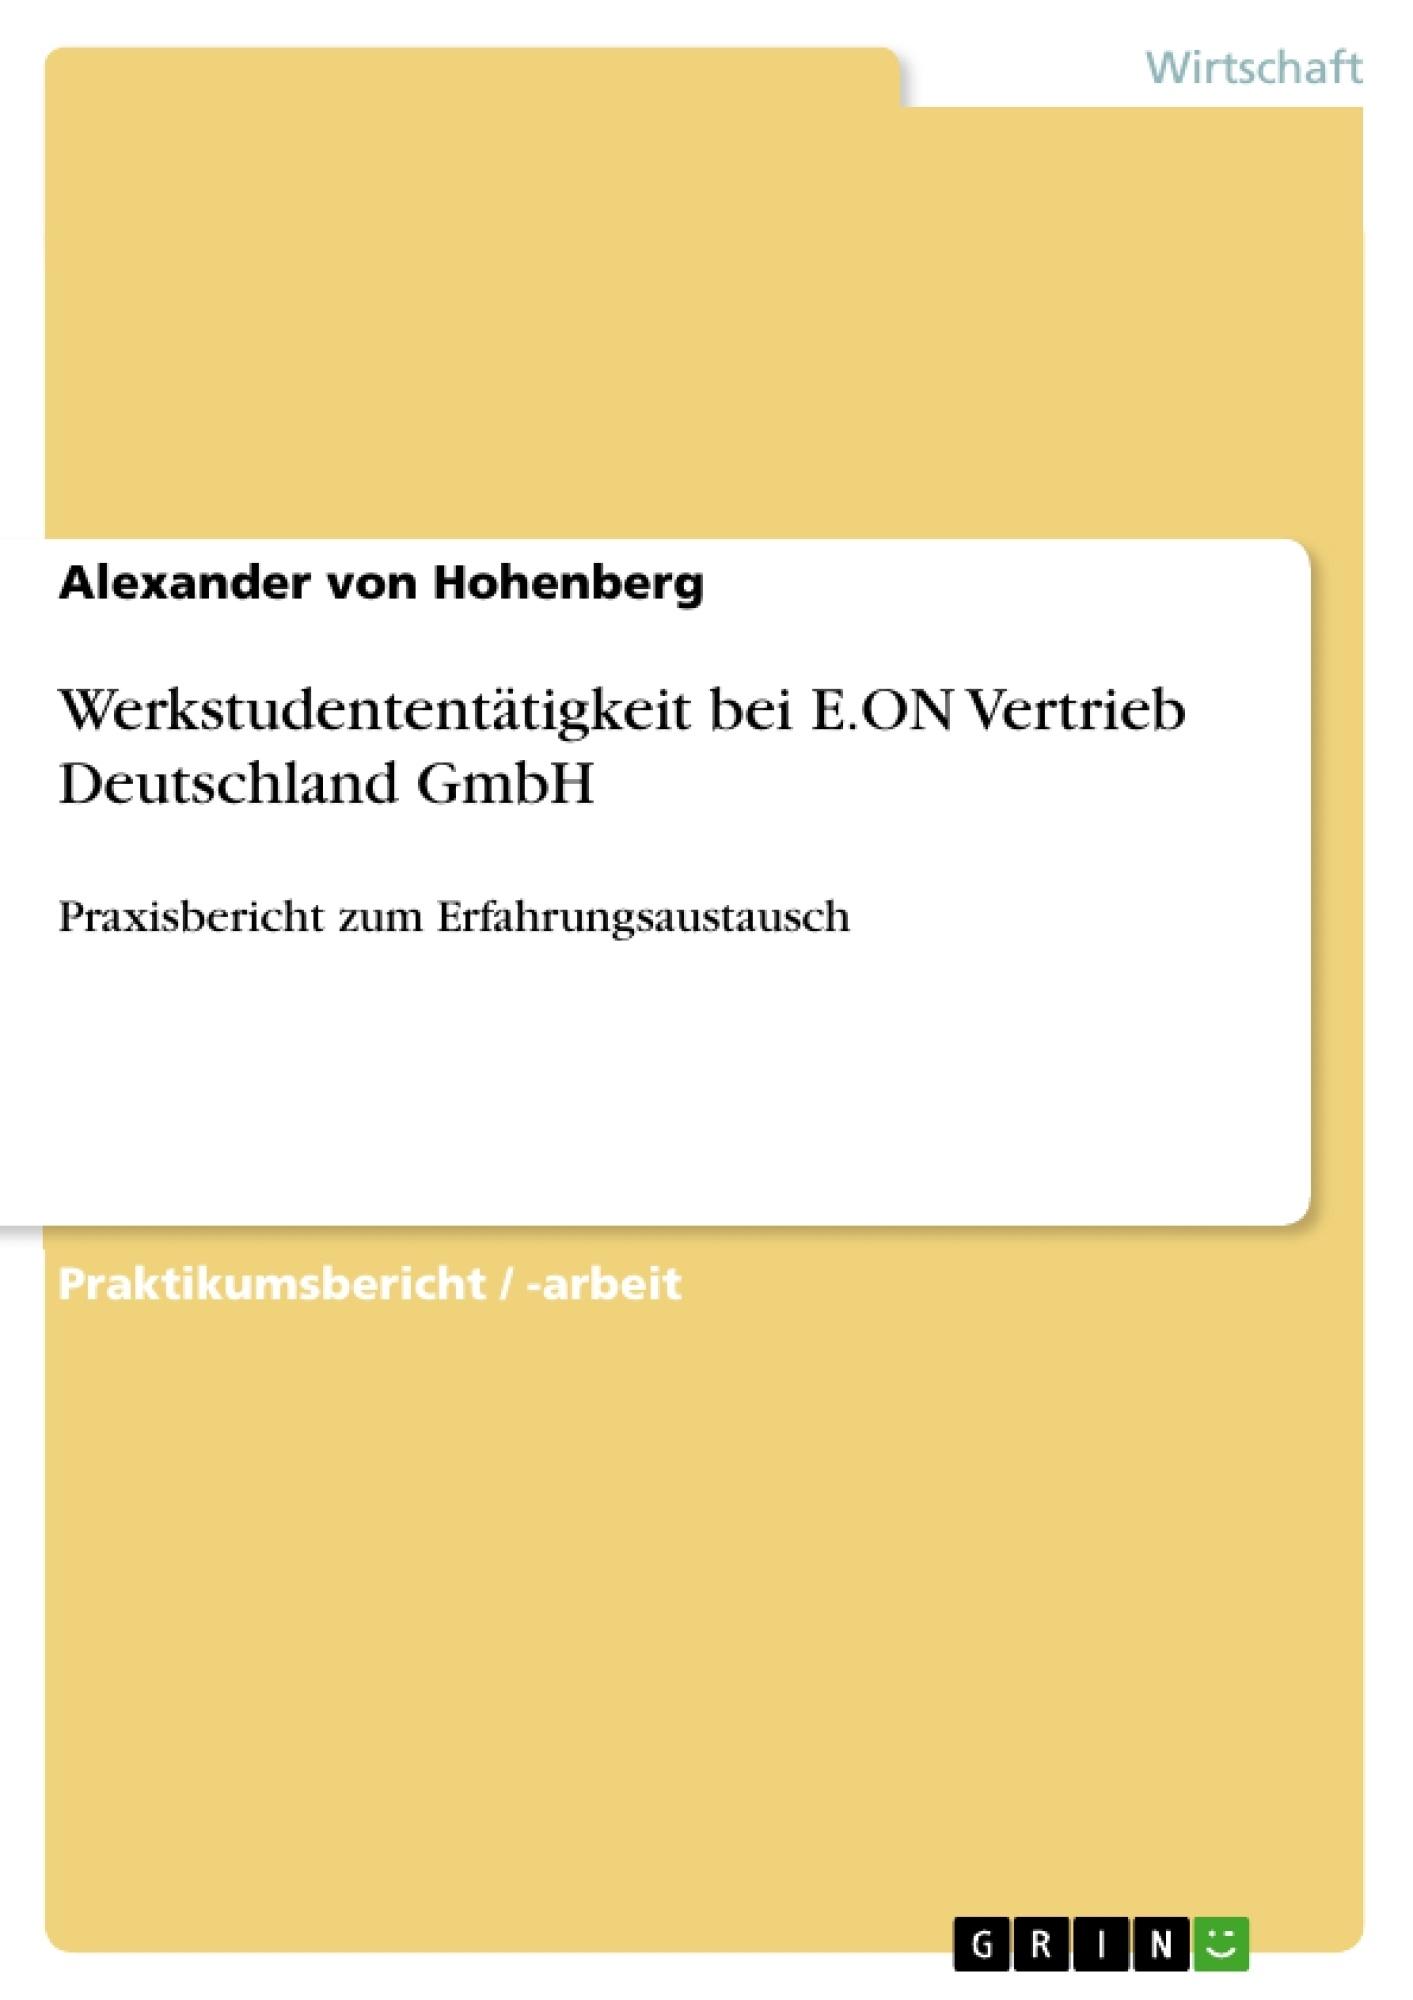 Titel: Werkstudententätigkeit bei E.ON Vertrieb Deutschland GmbH